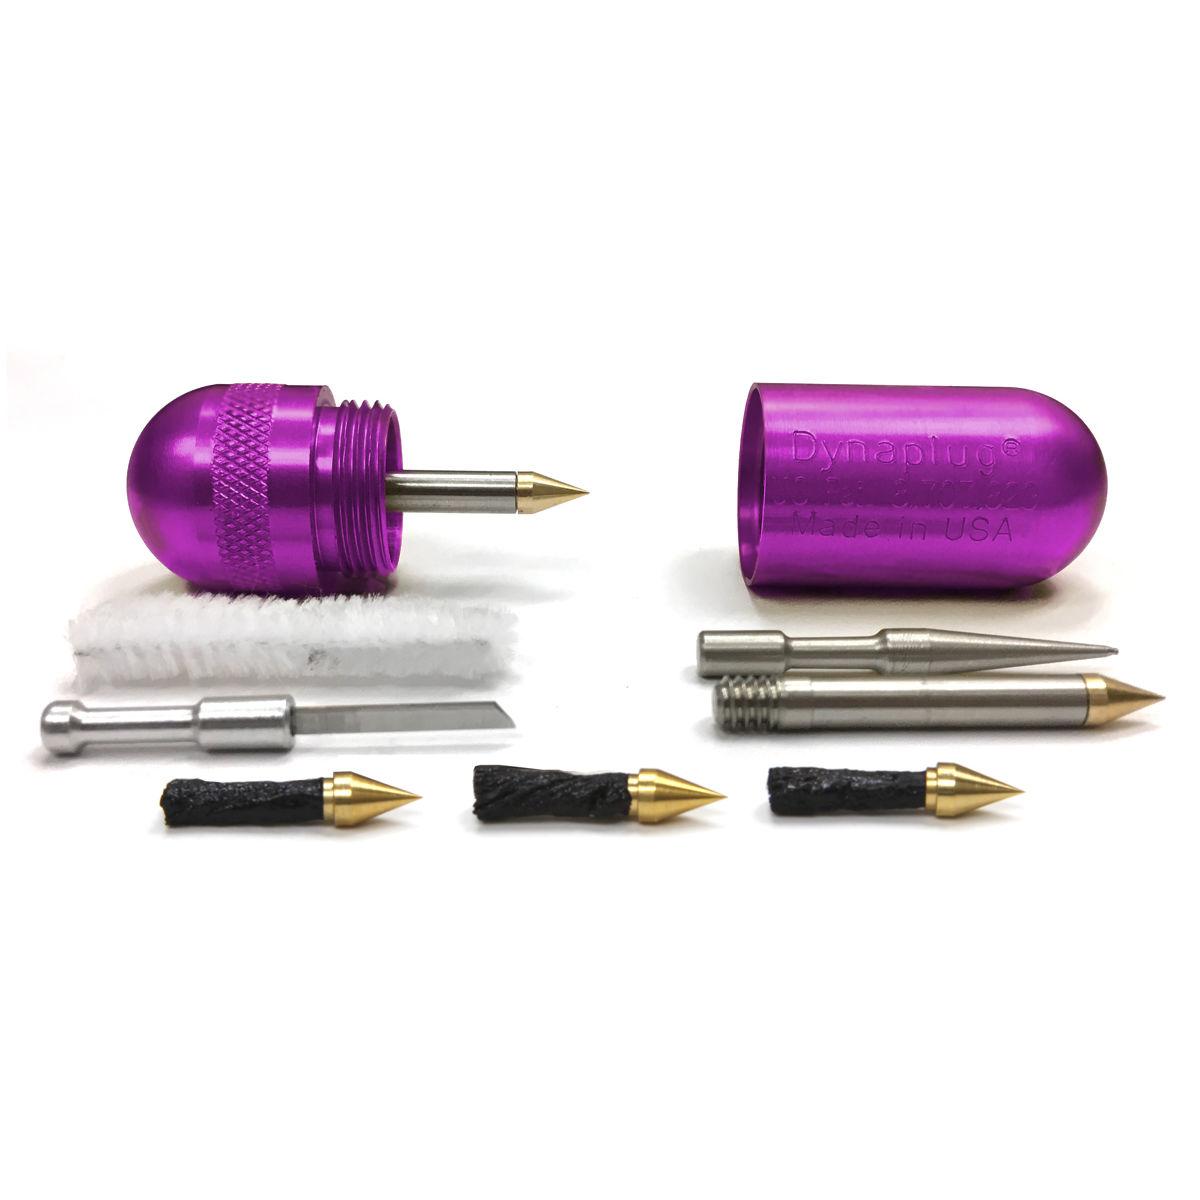 Dynaplug Micro Pro Kit Fialová